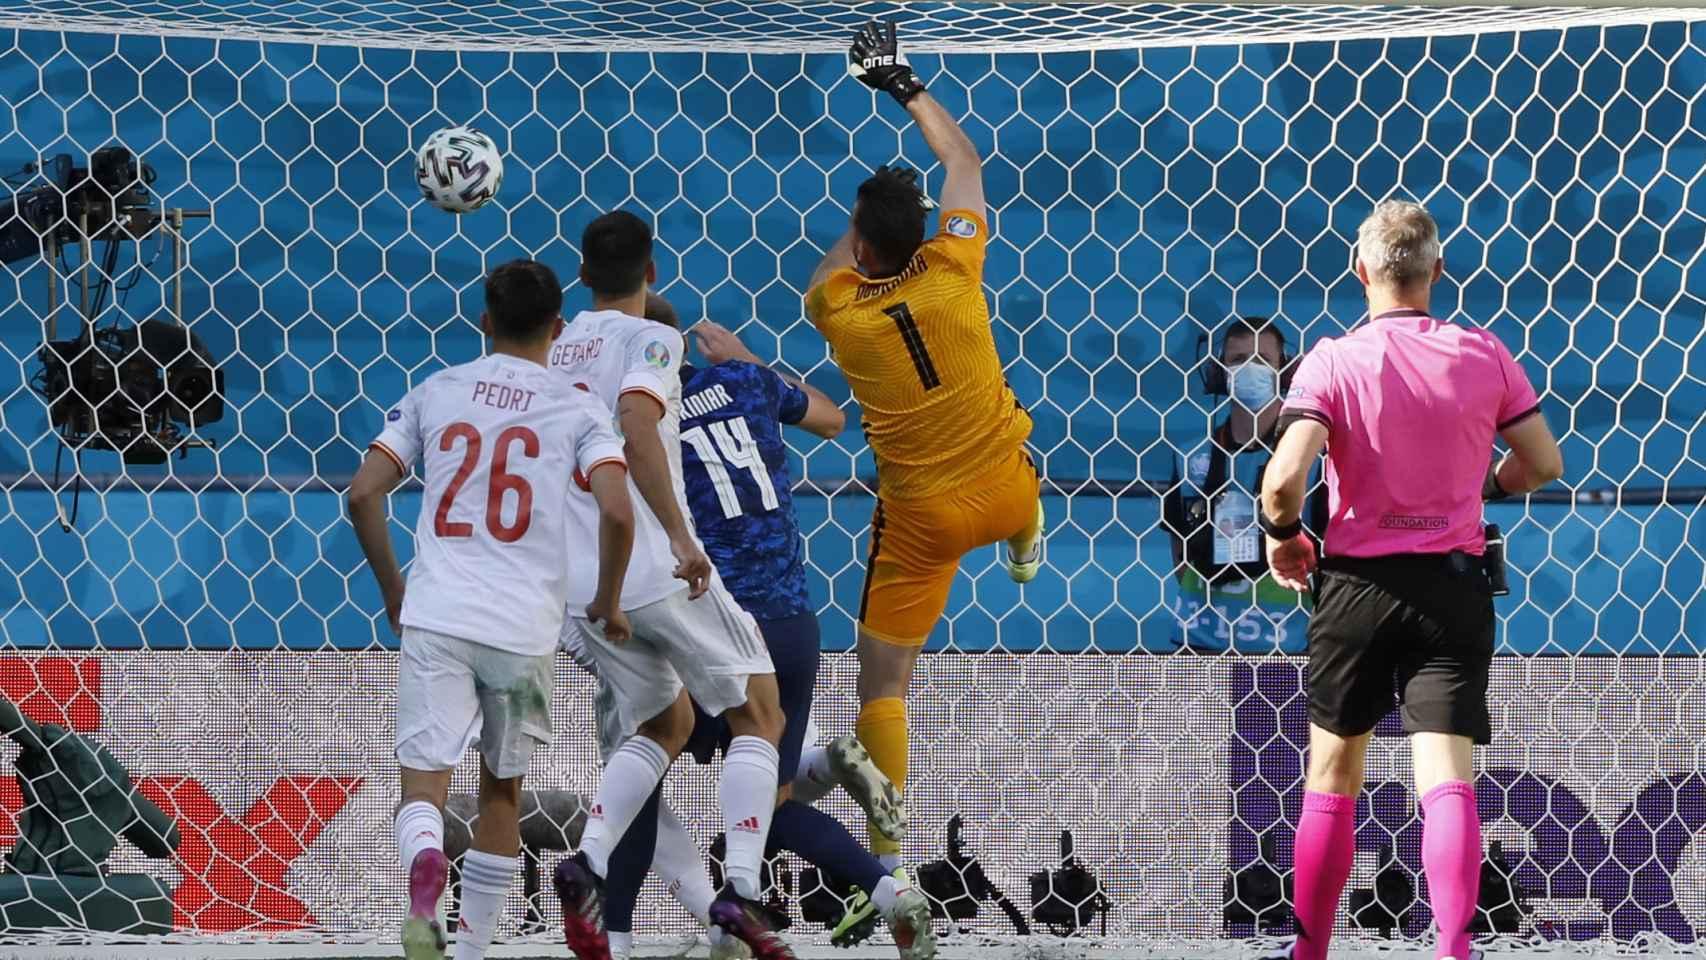 Martin Dubravka falla al despejar el balón y mete el gol en su propia portería